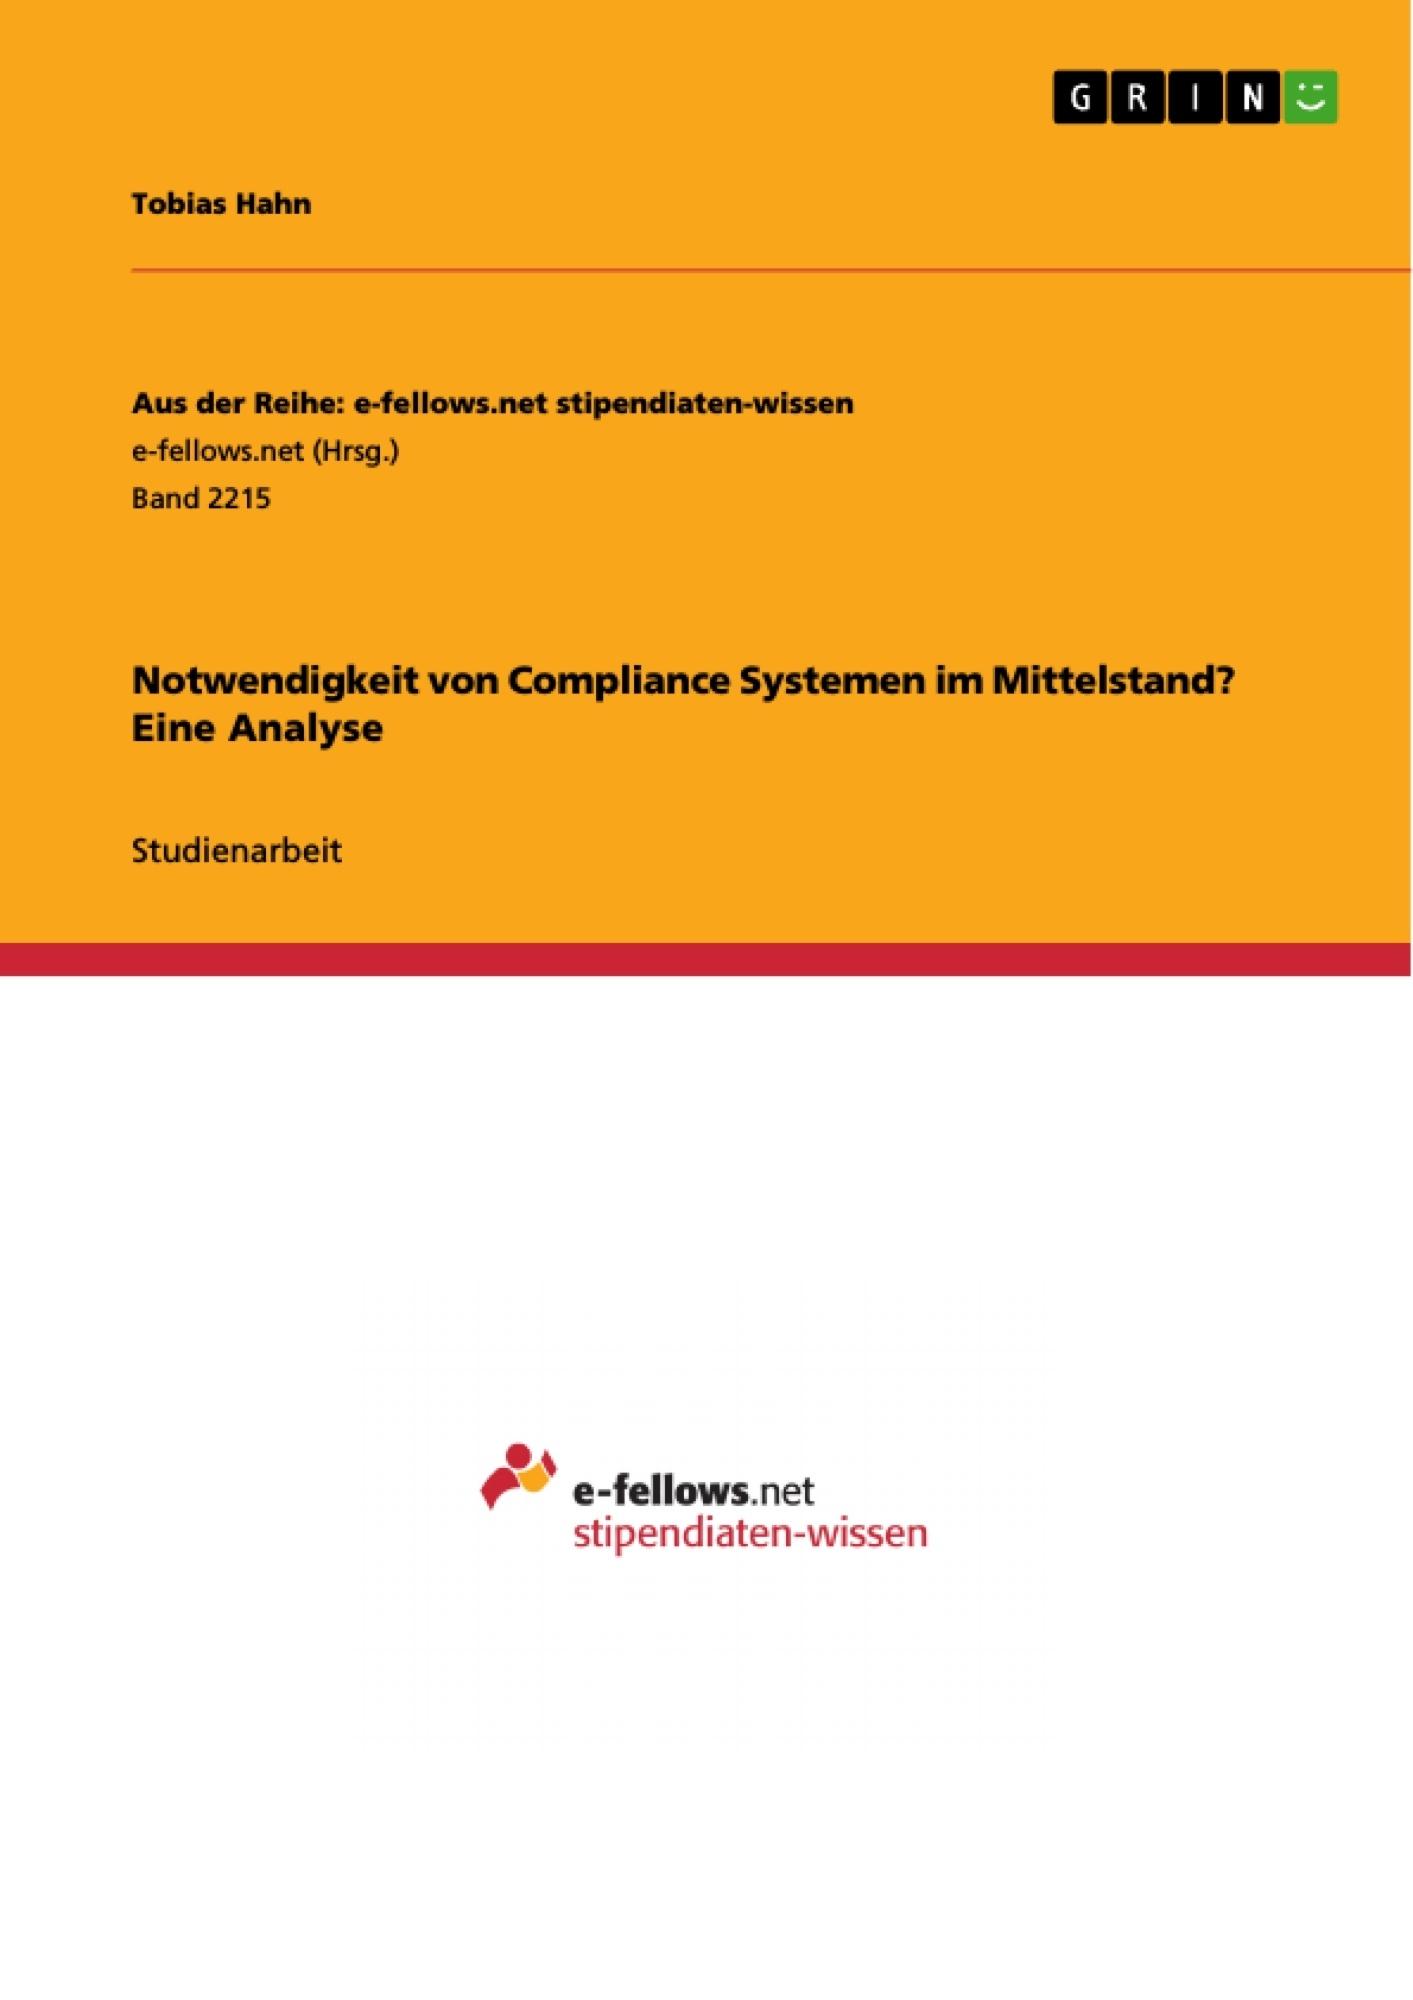 Titel: Notwendigkeit von Compliance Systemen im Mittelstand? Eine Analyse